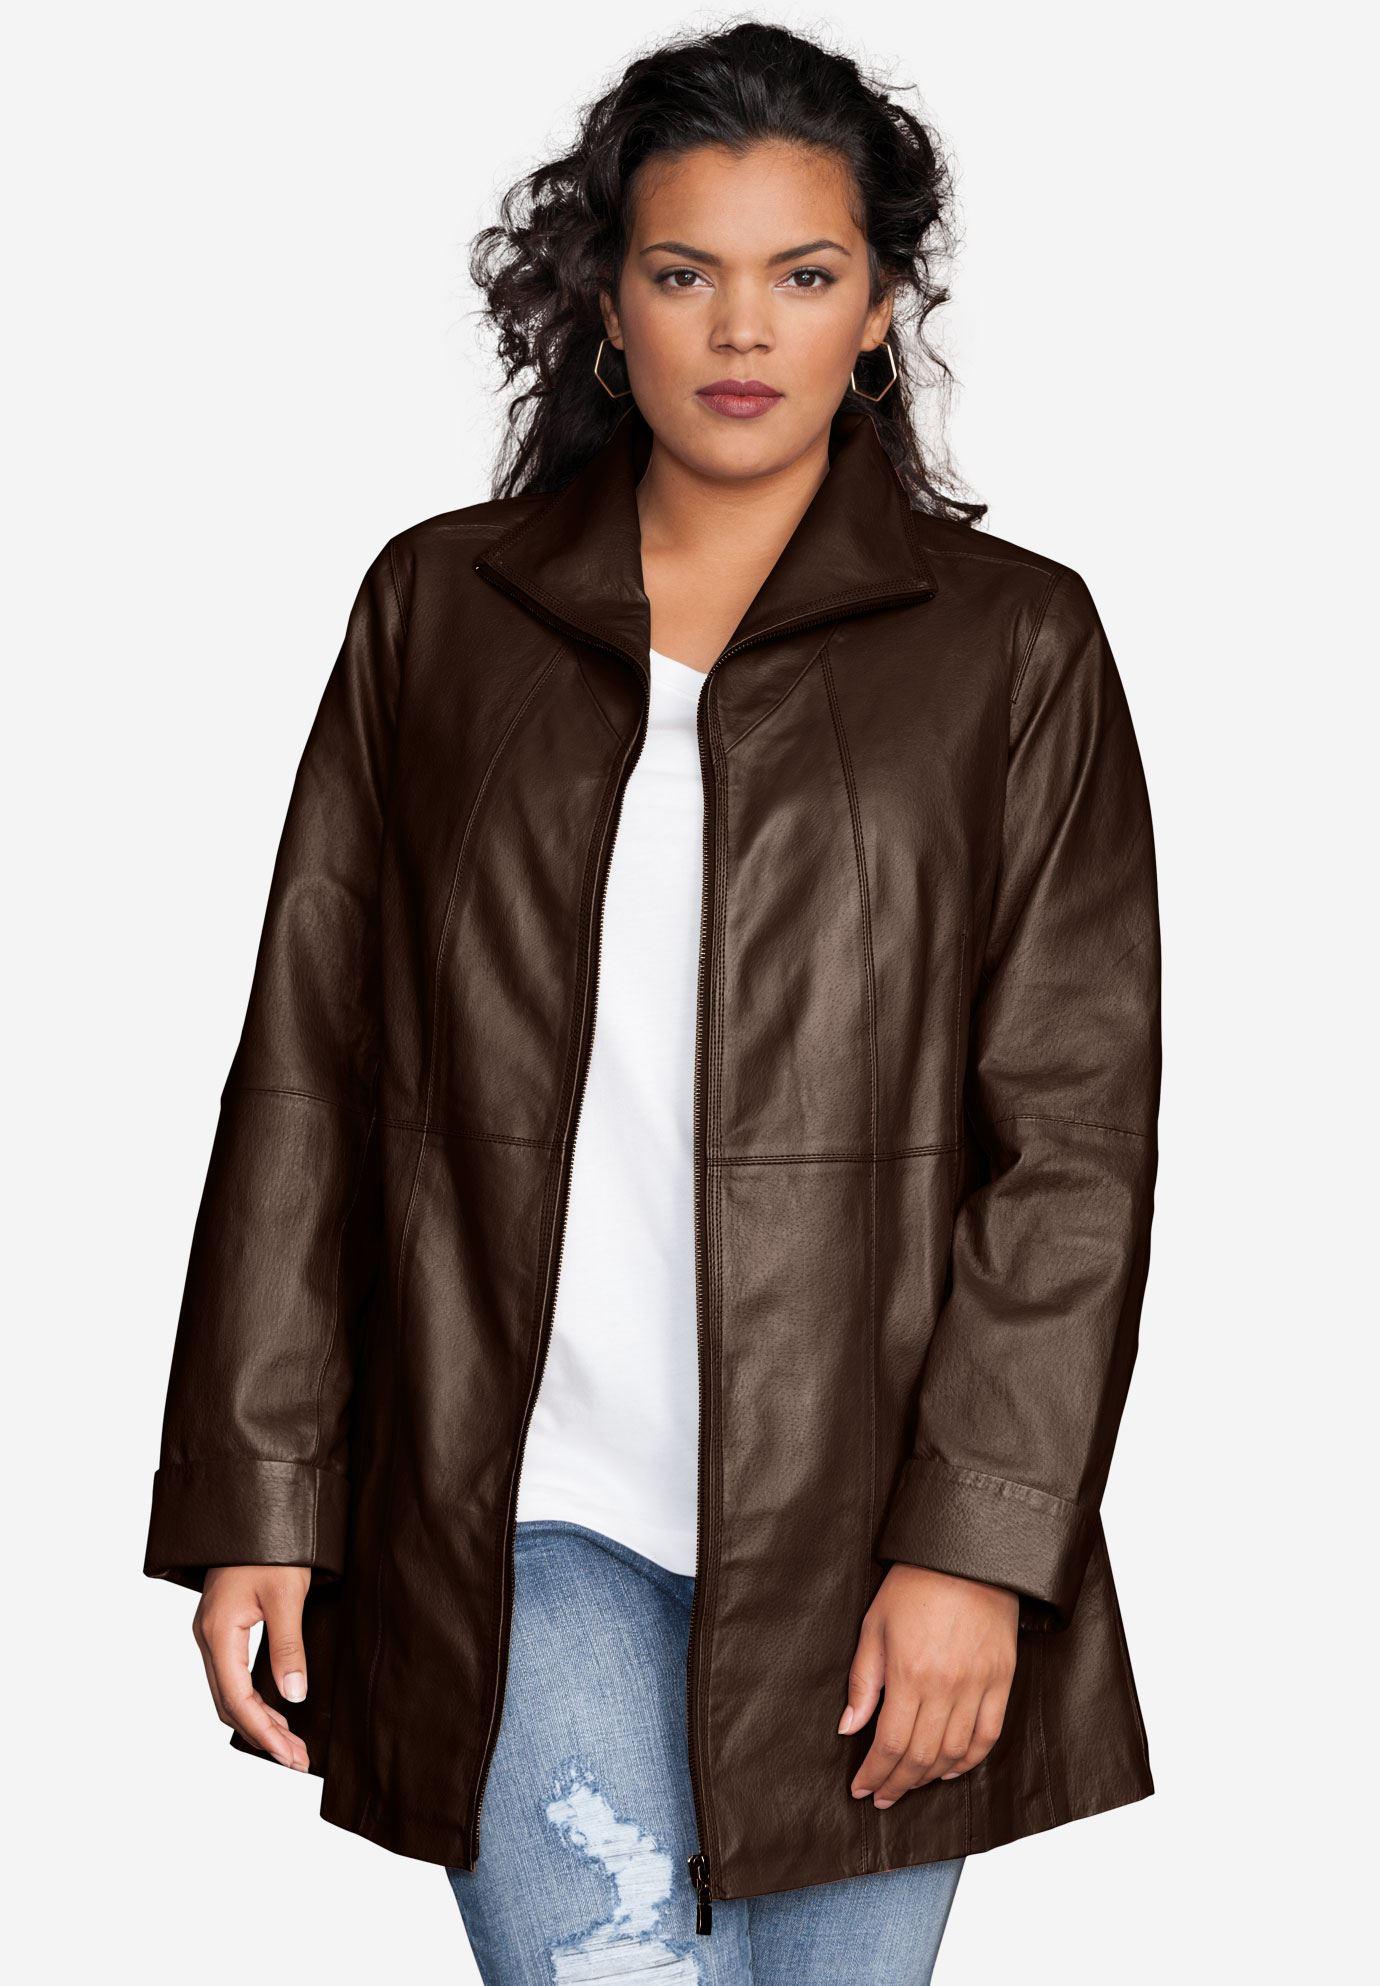 plus size blazers leather a-line jacket ODLPDZZ